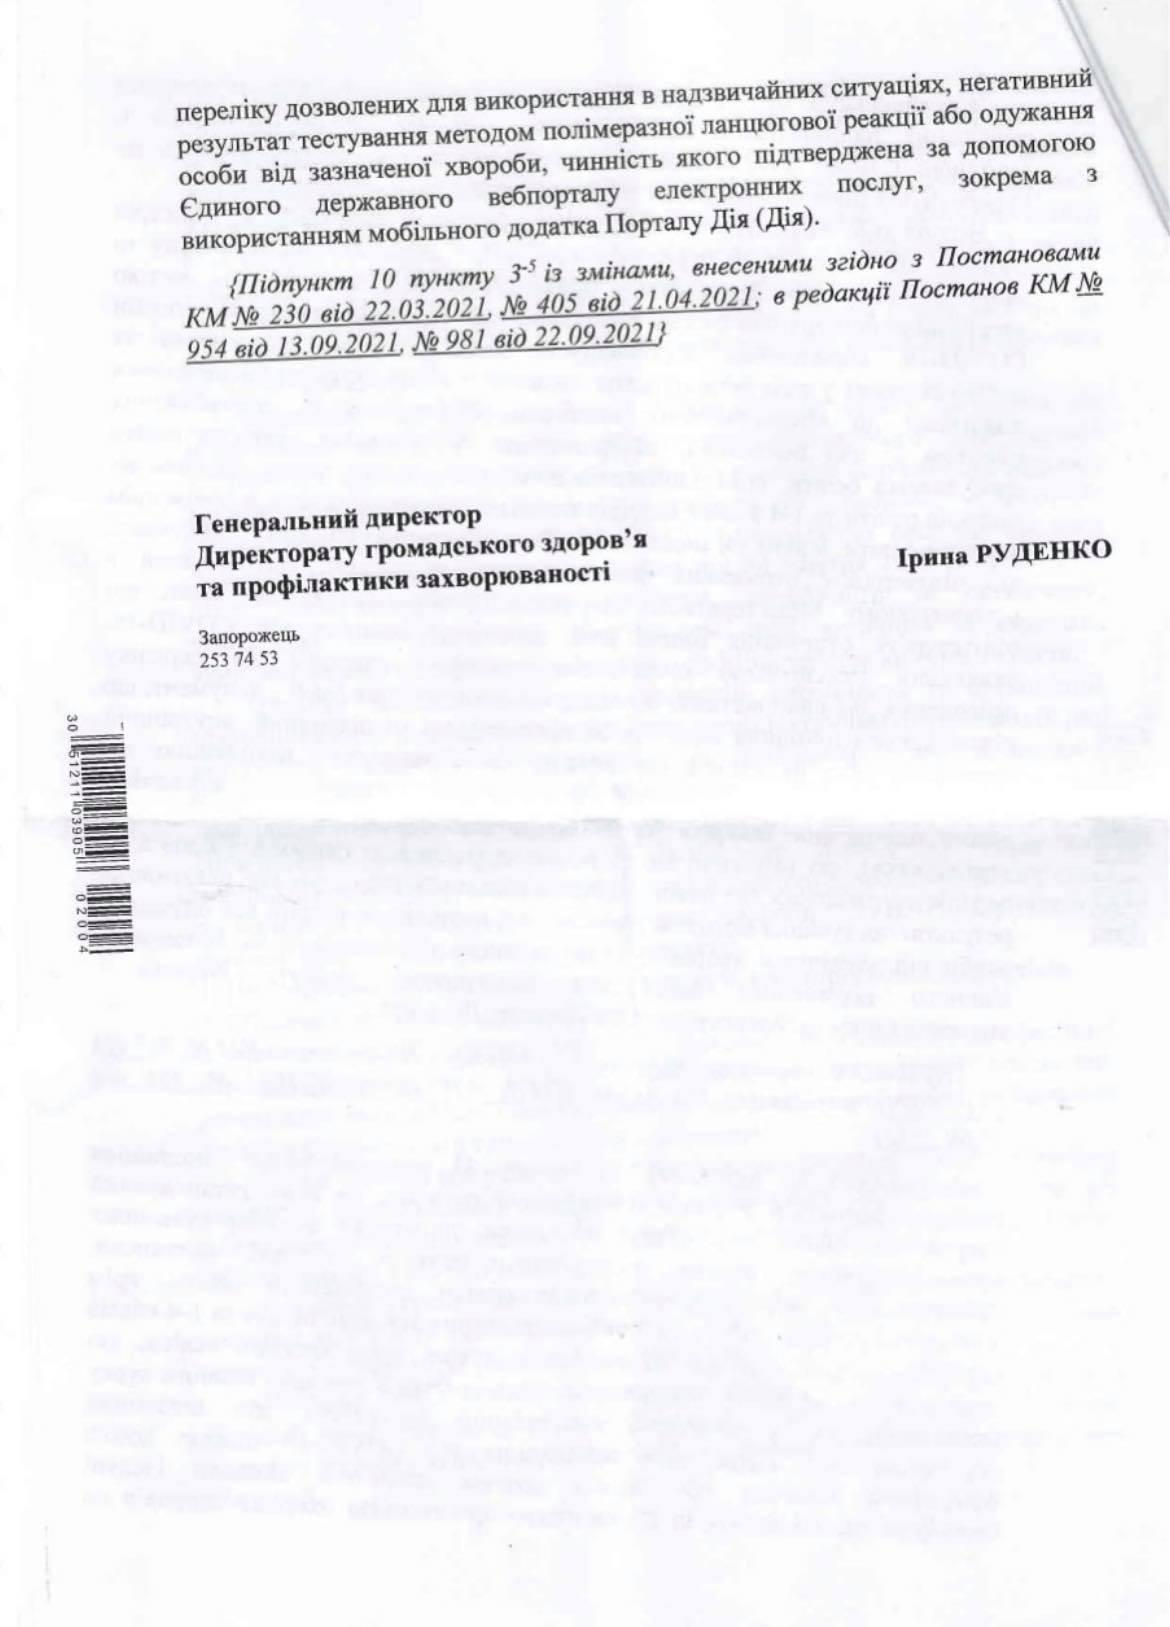 Ответ Минздрава адвокату, с. 4